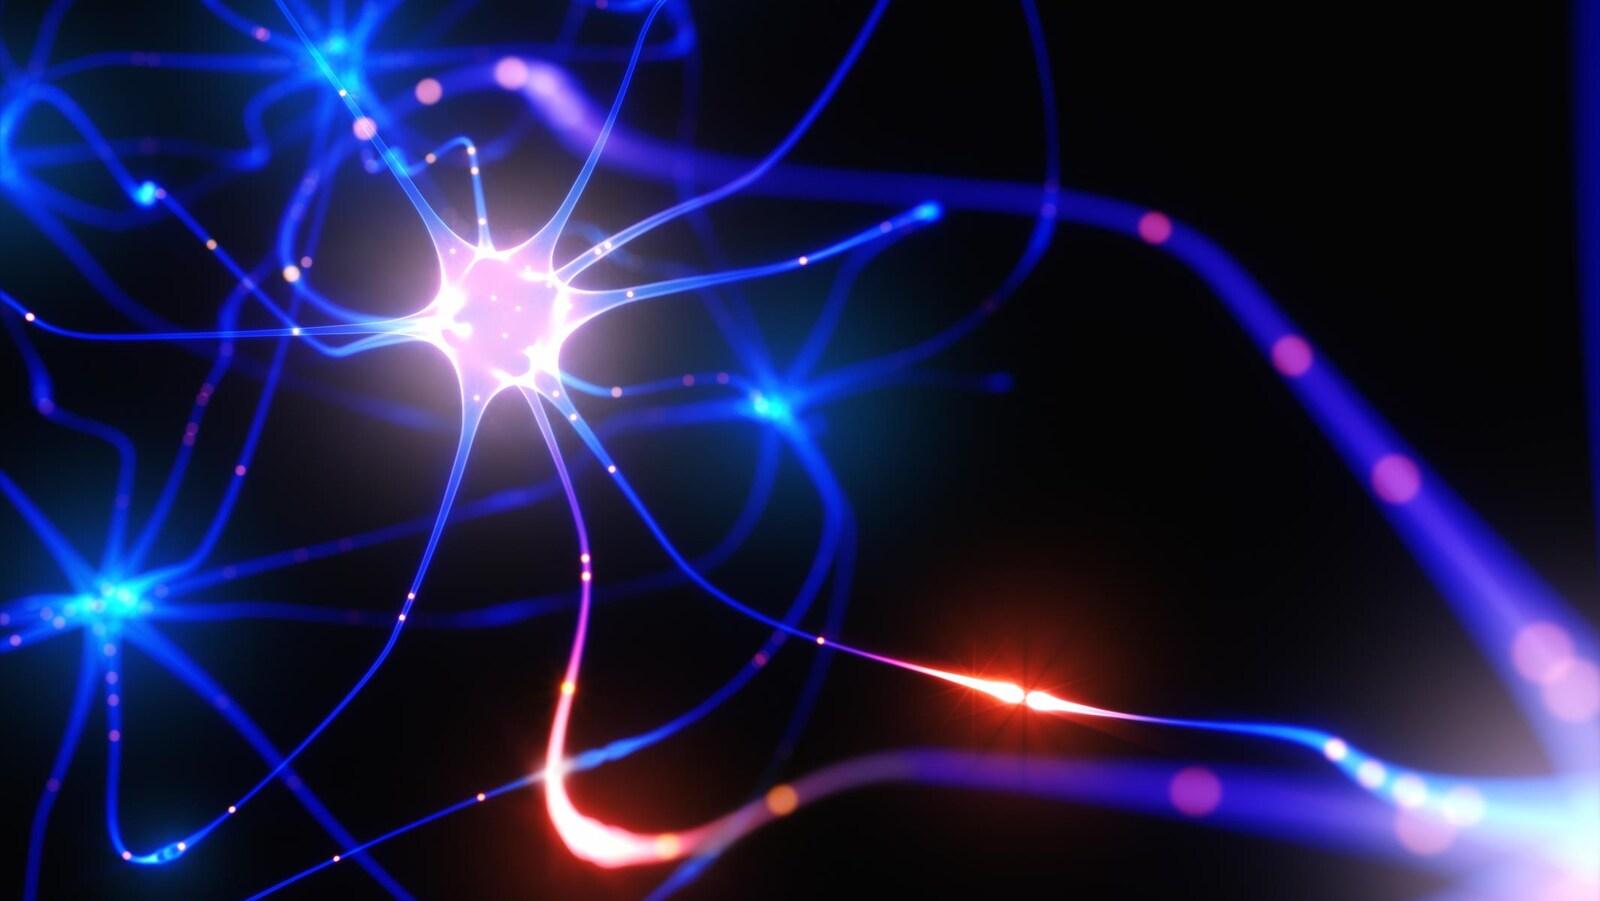 Représentation artistique d'un neurone.